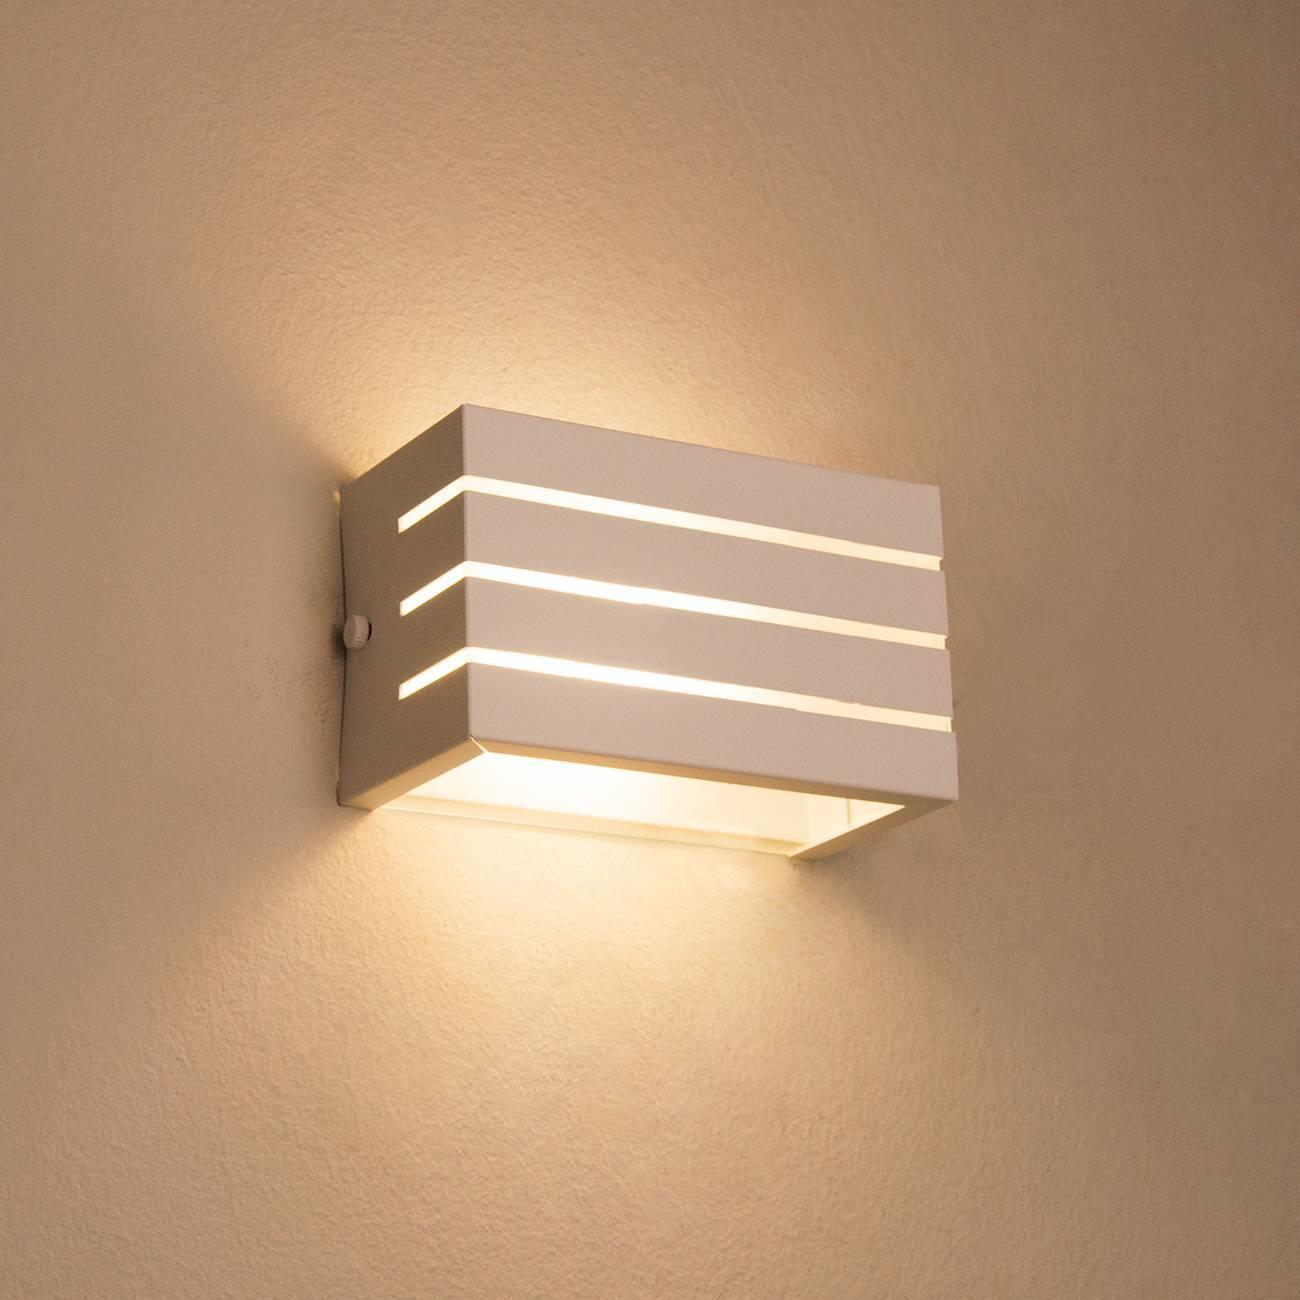 Arandela Frisada Luminária Branca Para Muro Parede Externa G - LCGELETRO